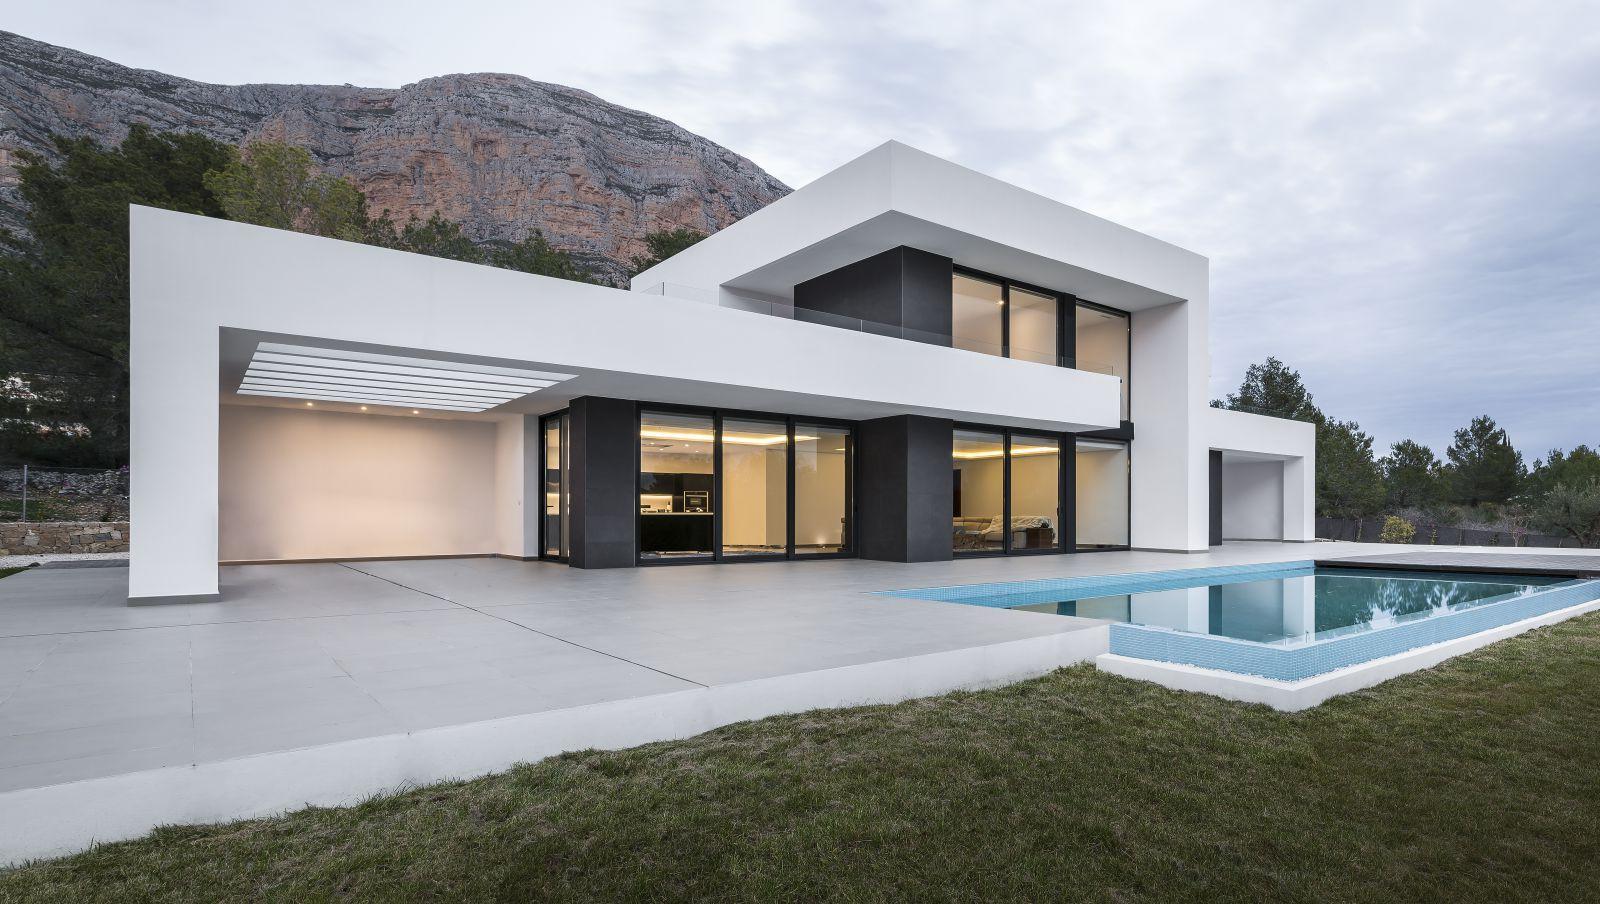 Design Villa A Javea Calle Penyaparda Be Spoiled Maison Architecte Moderne Constructeur Maison Contemporaine Maison Architecte